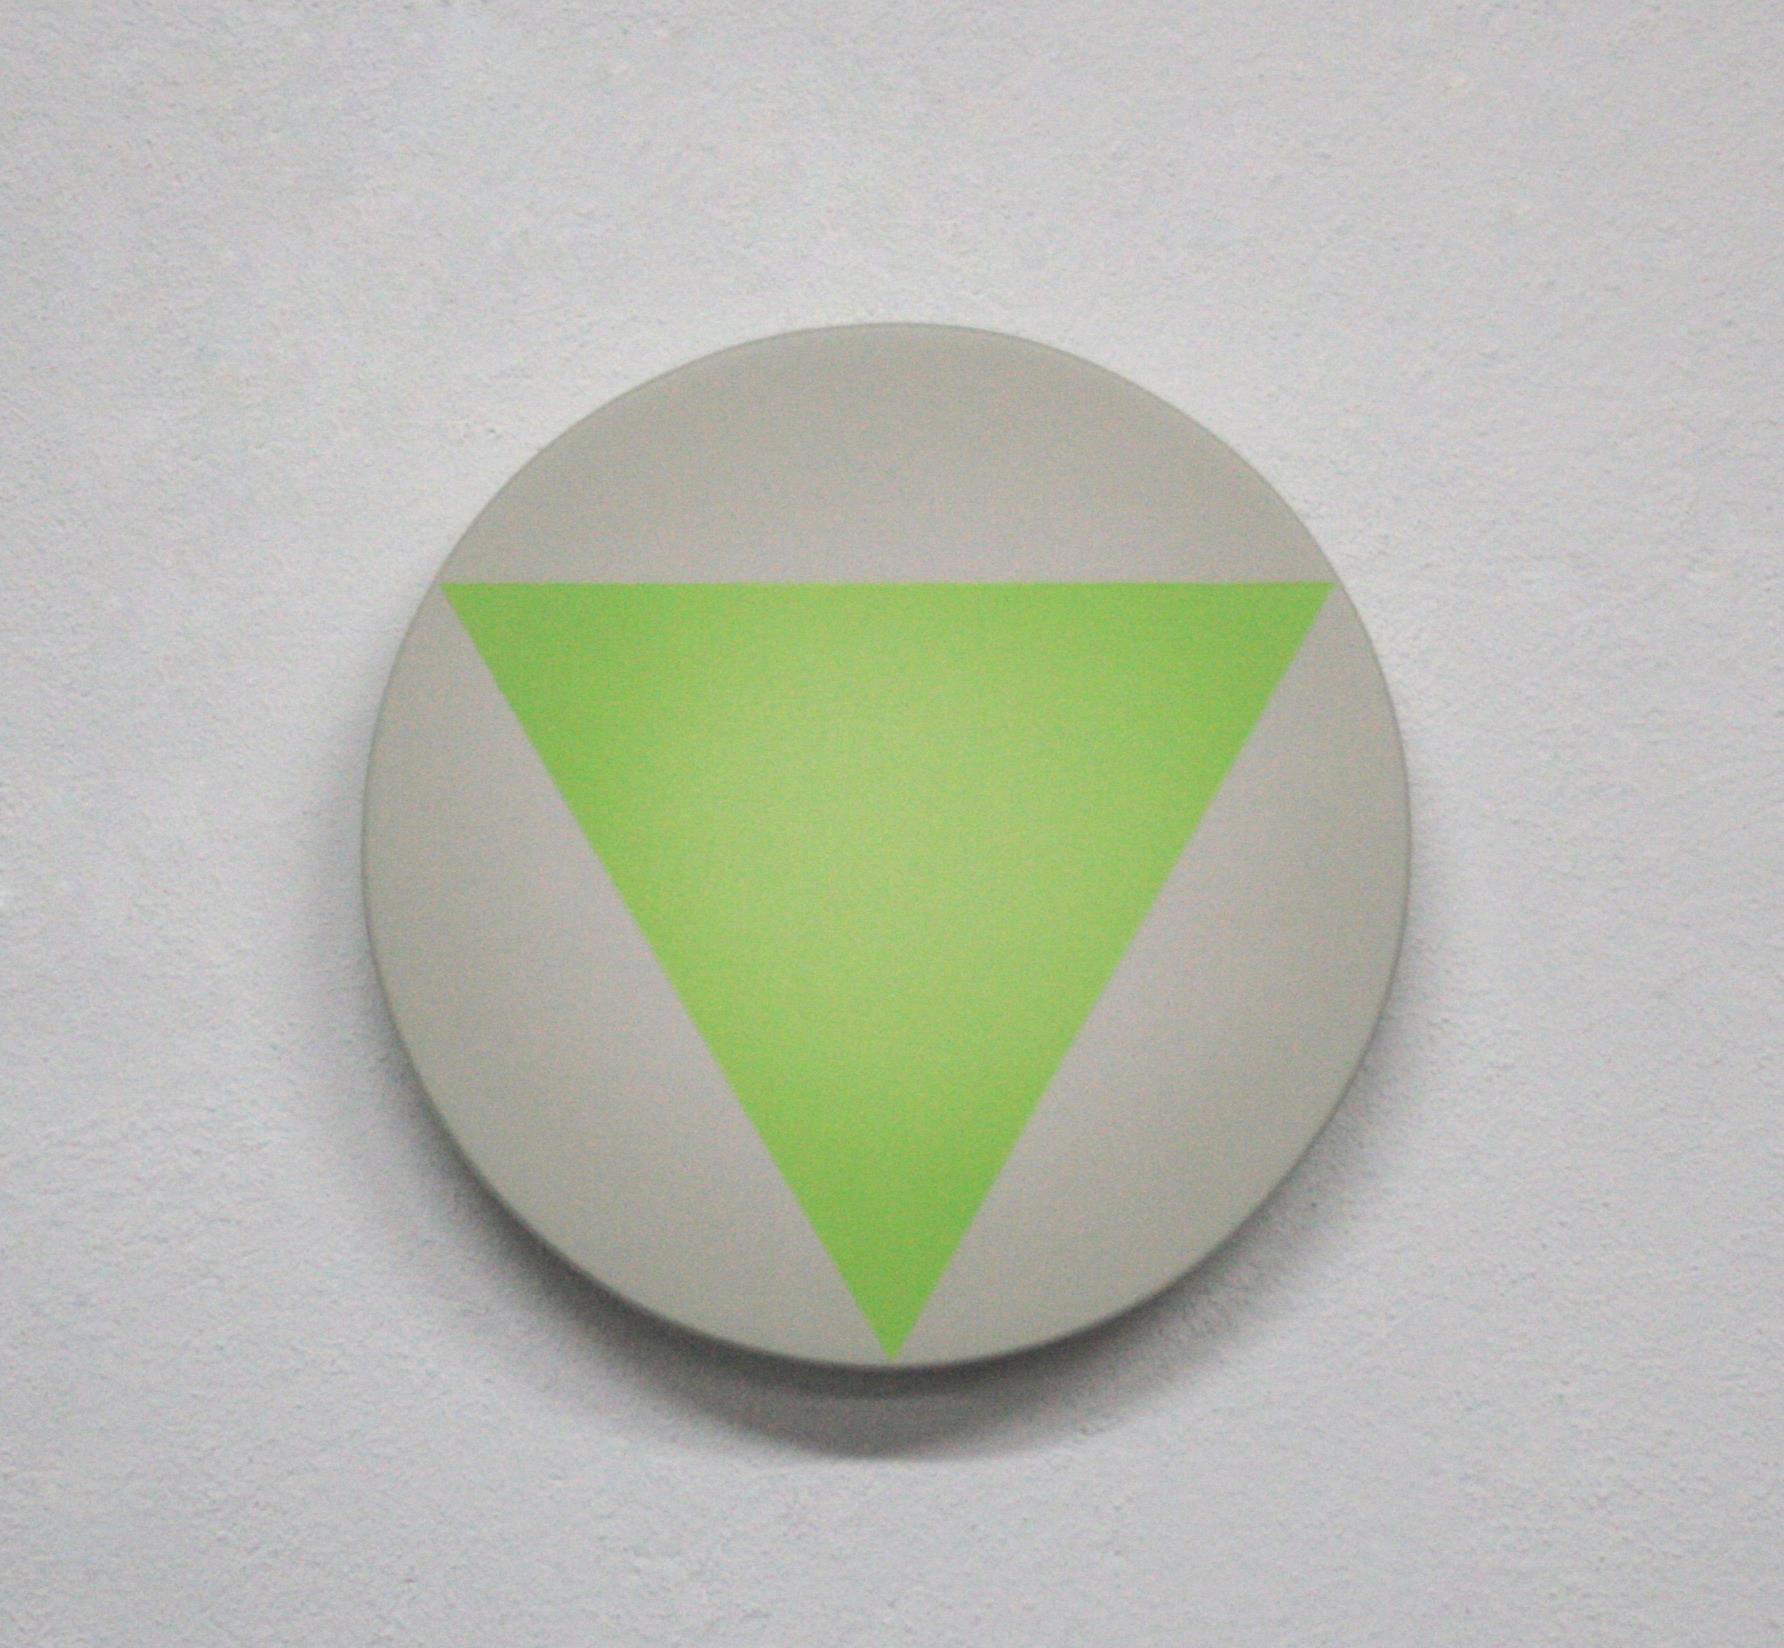 Obra de Mikeldi Pérez Urkijo. S/T (triángulo sobre círculo). Pintura en spray, sobre madera. 25cm de diámetro. Imagen por cortesía de la galería.